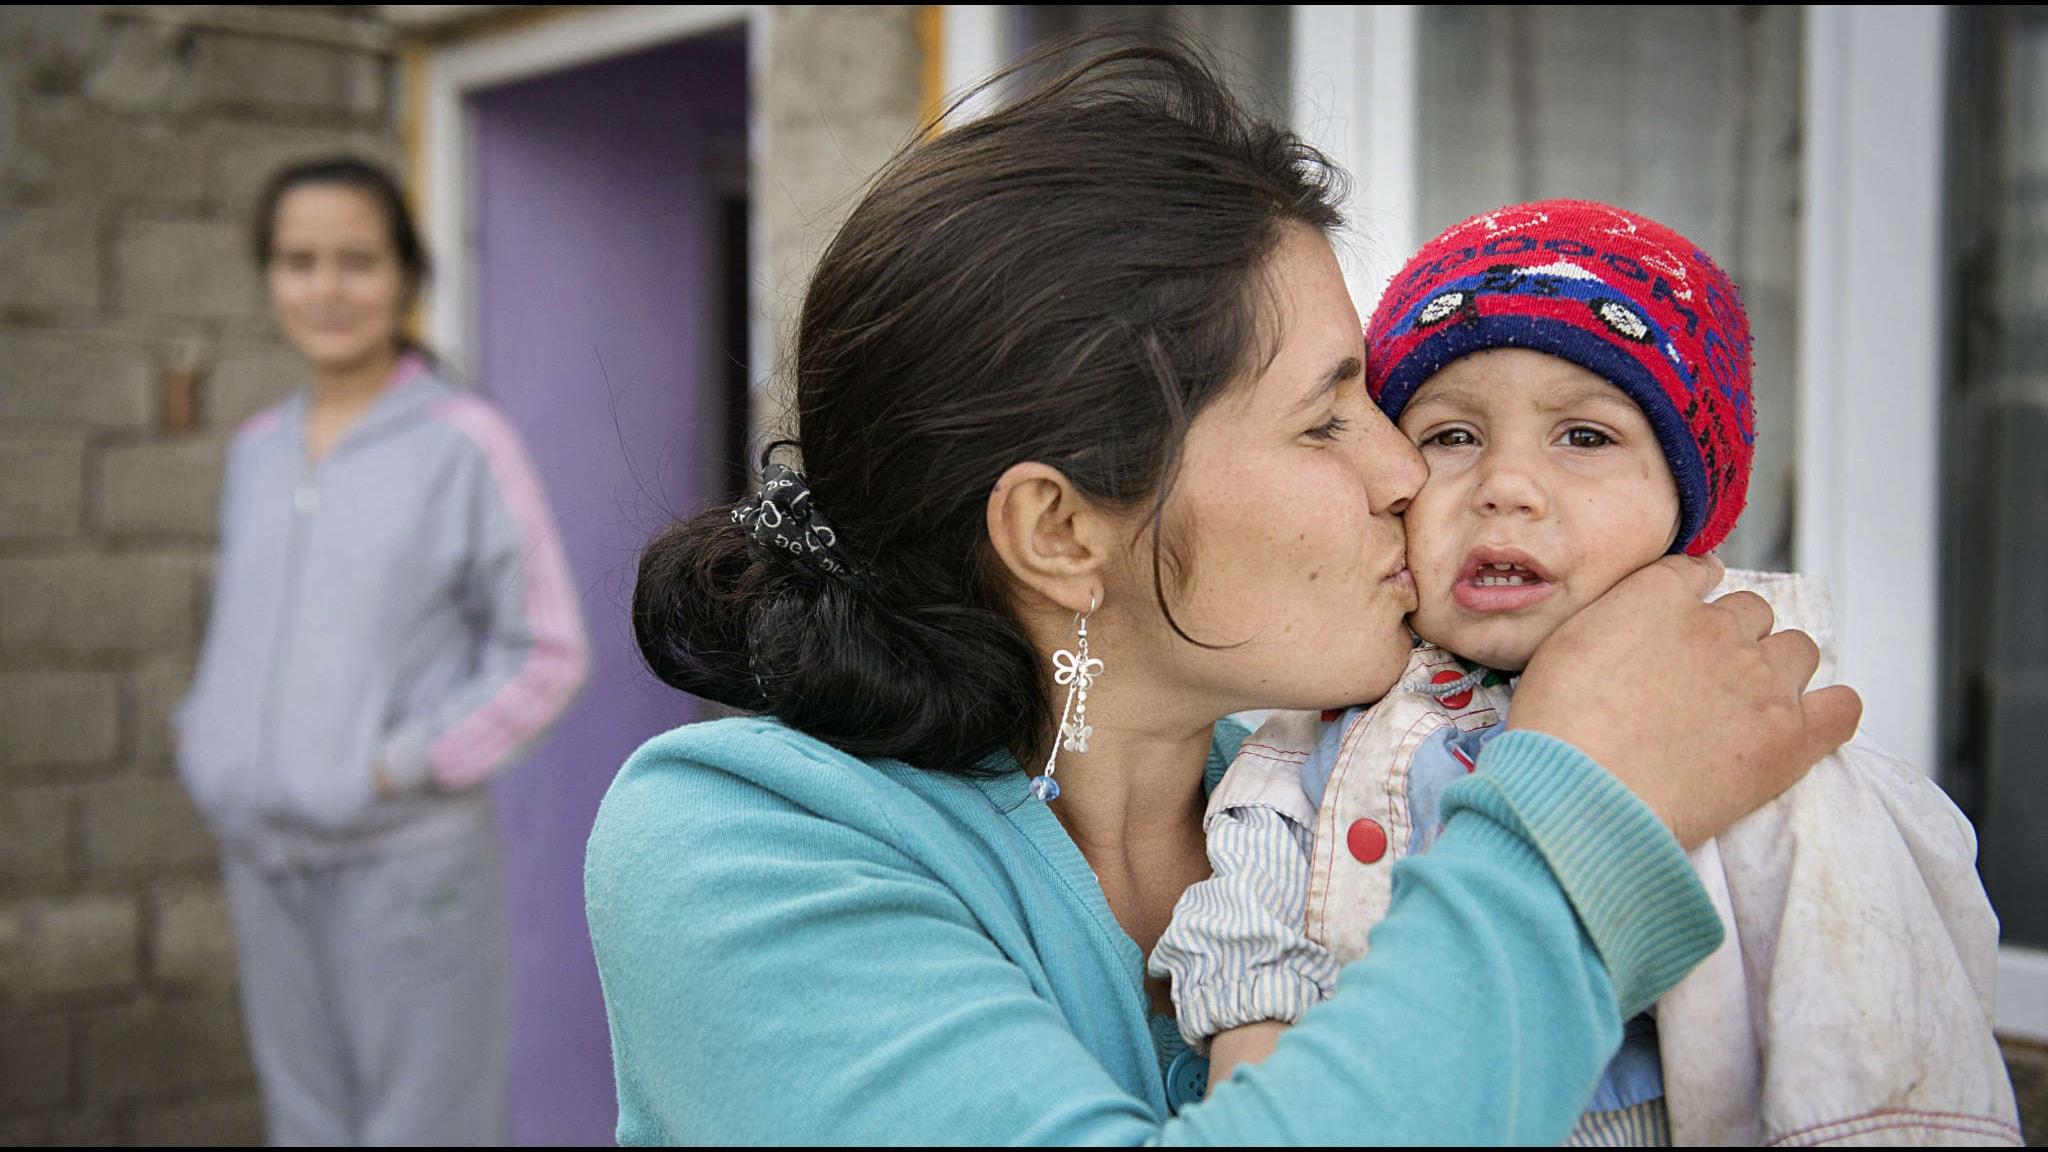 Daniela Gitza med sina barn i den rumänska byn Malu Vanat Foto: Jessica Gow